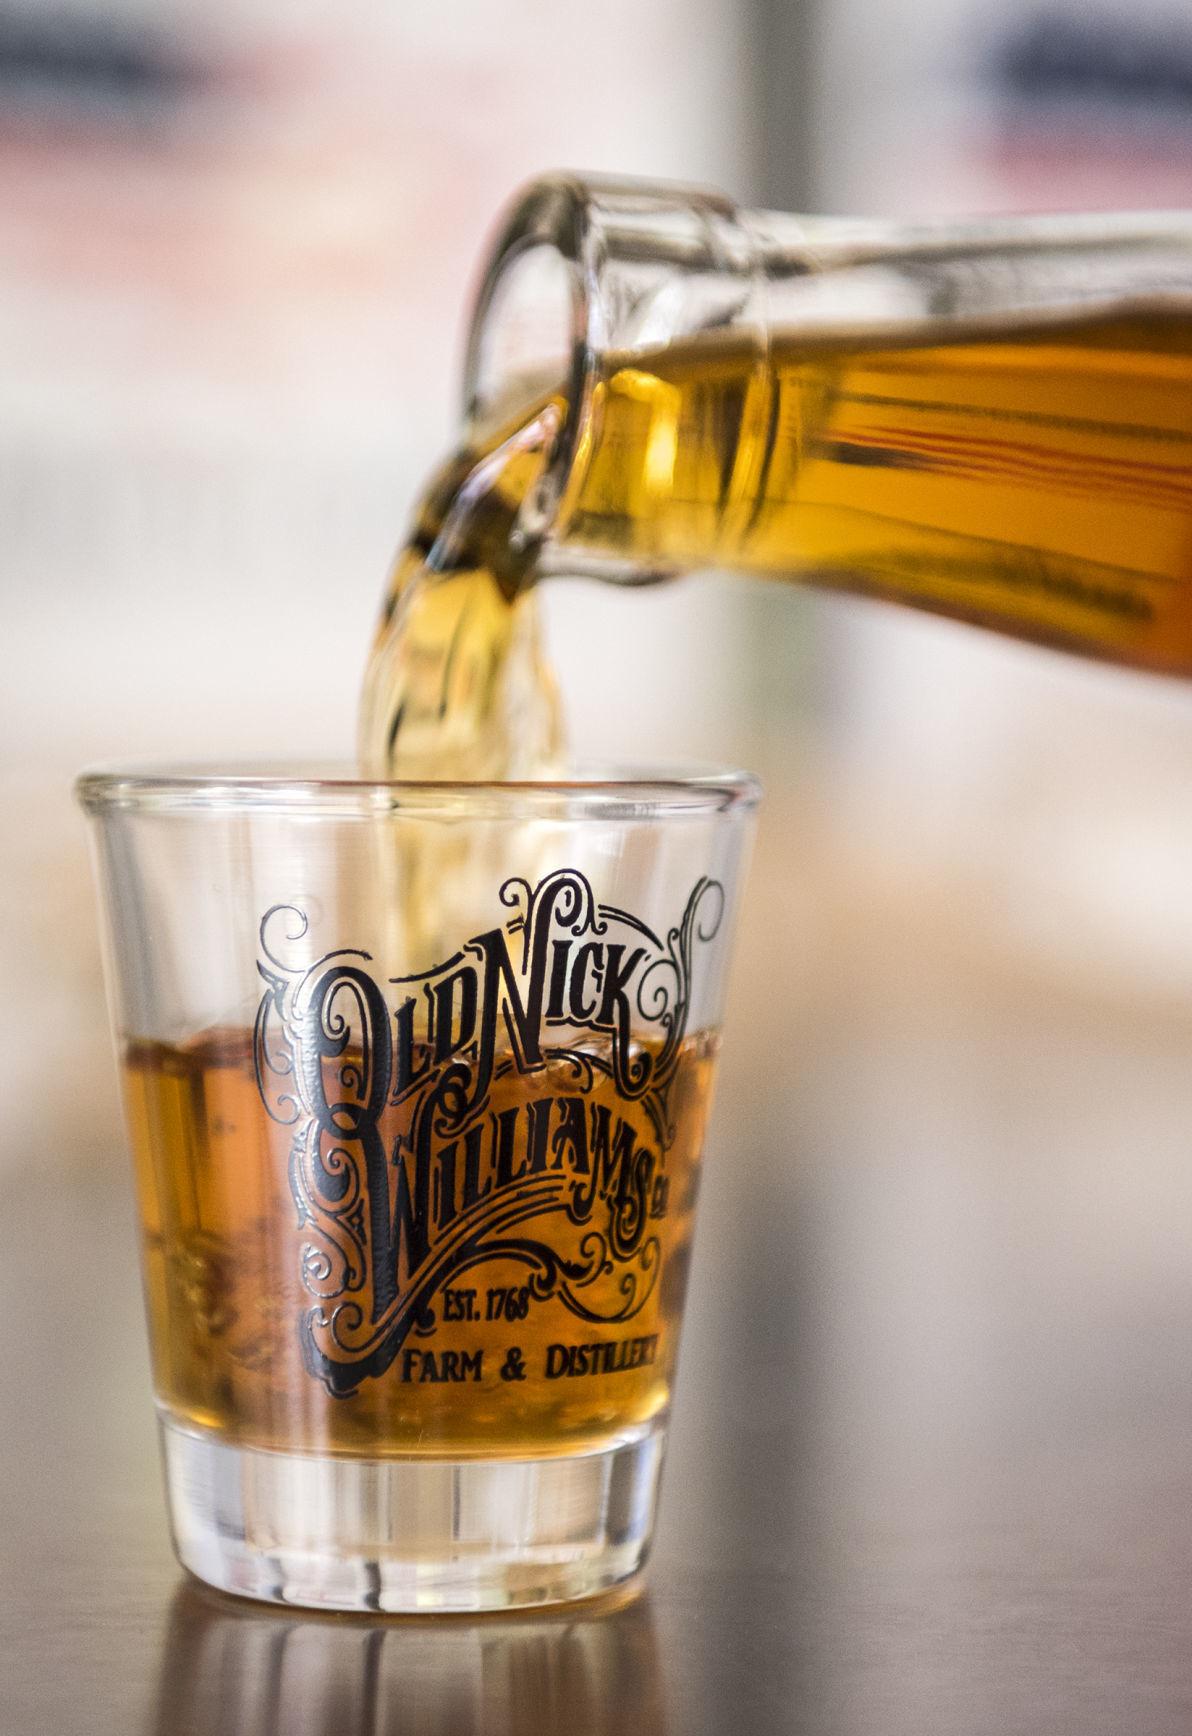 Old Nick Carolina Bourbon and Whiskey